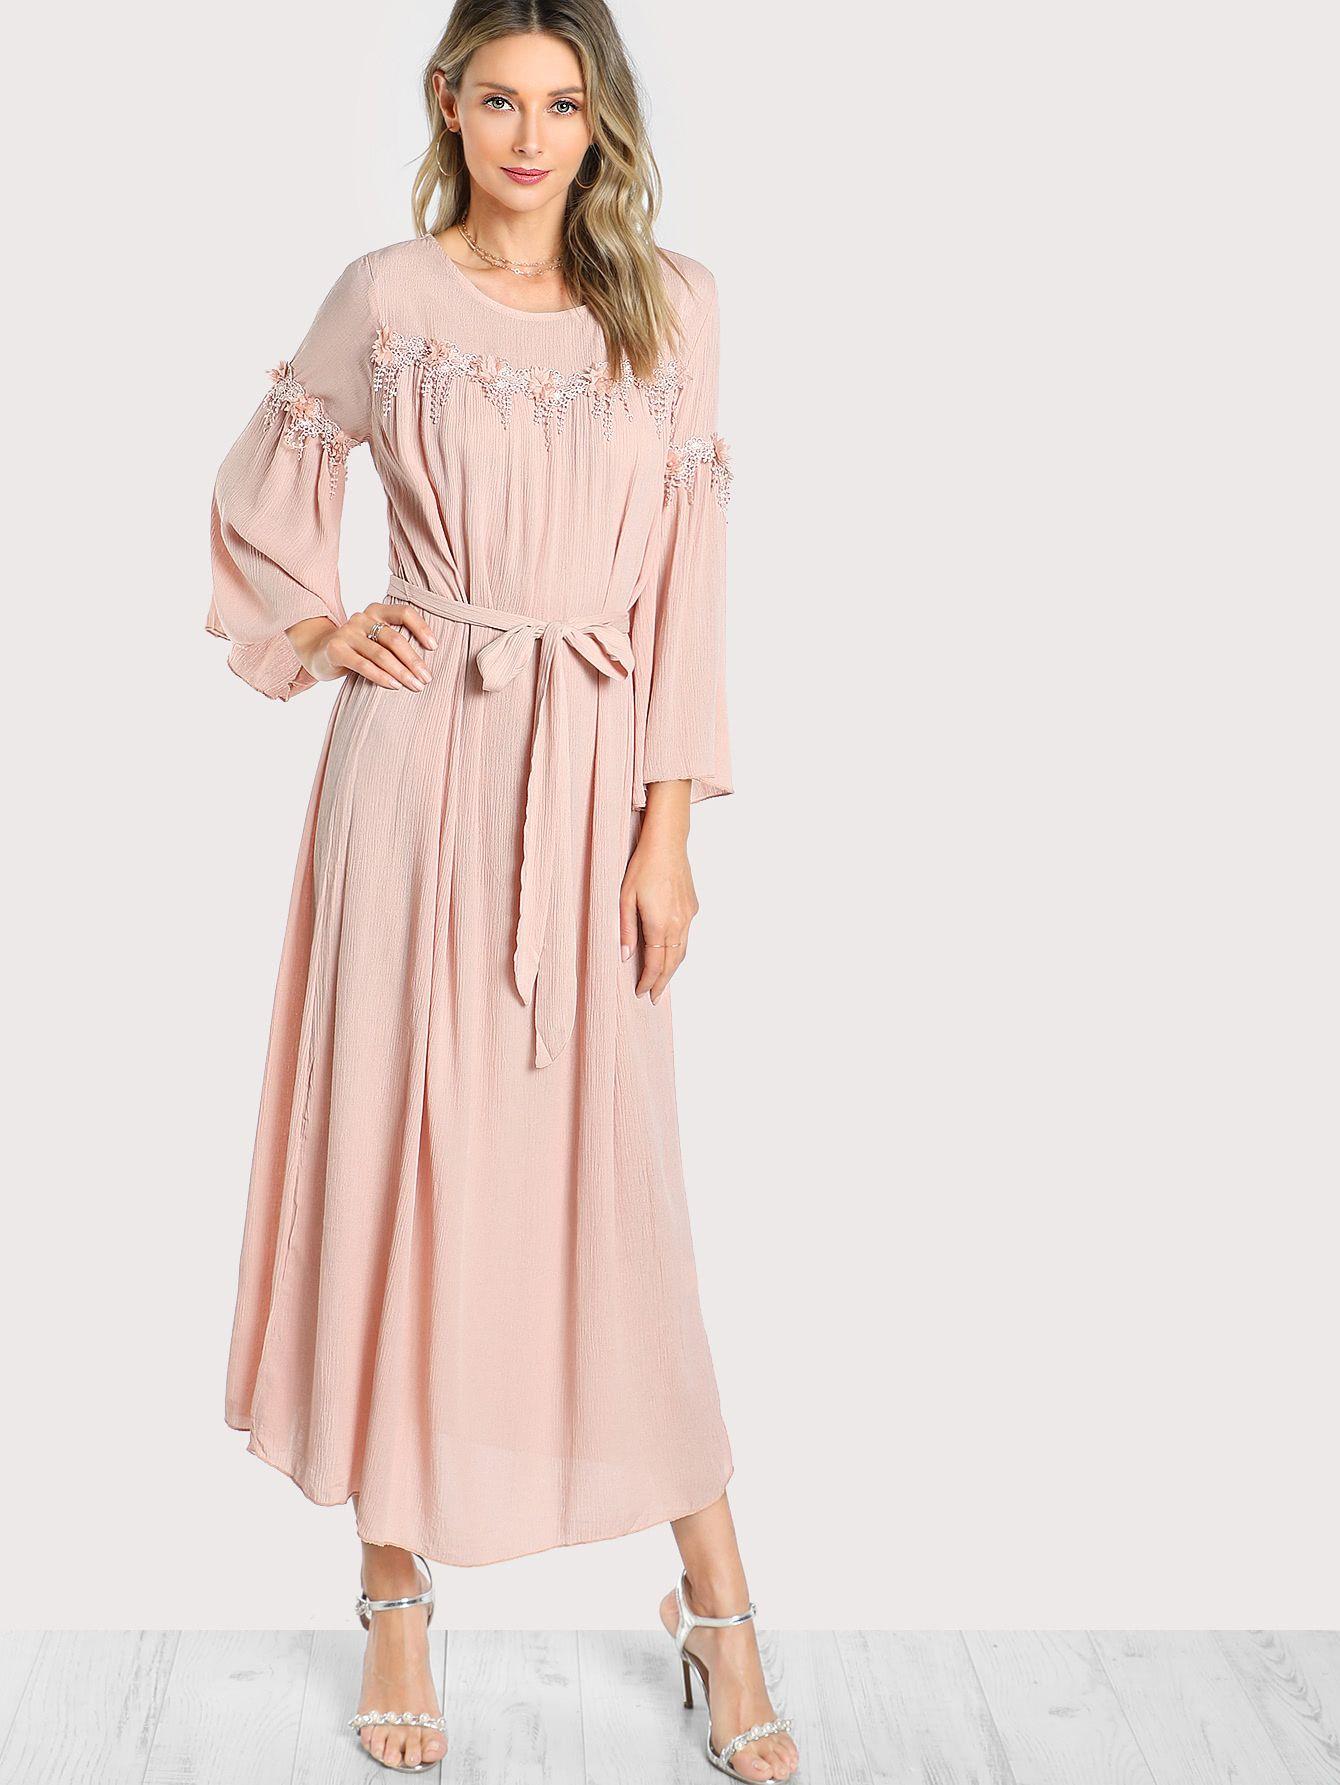 d8c1b14959 Shop Flower Applique Detail Hijab Evening Dress online. SheIn offers Flower  Applique Detail Hijab Evening Dress & more to fit your fashionable needs.